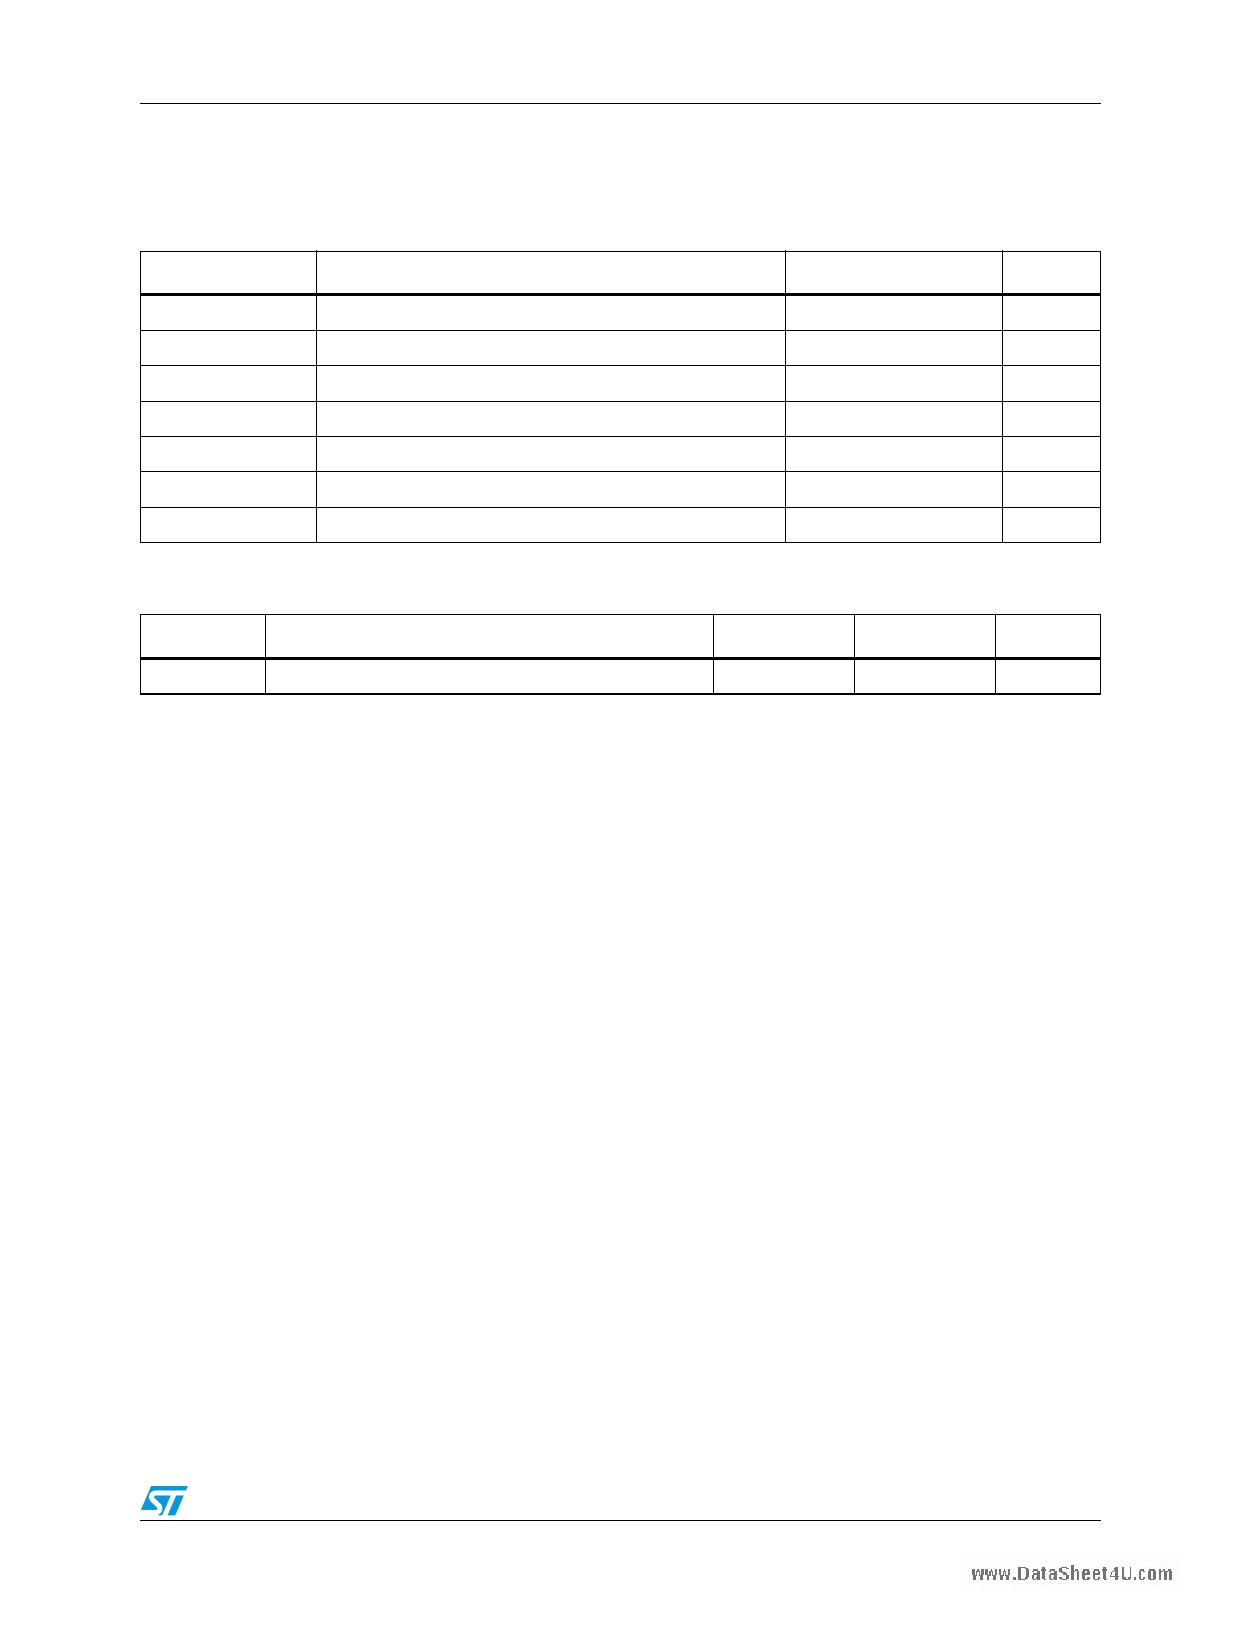 E-ULN200xA pdf